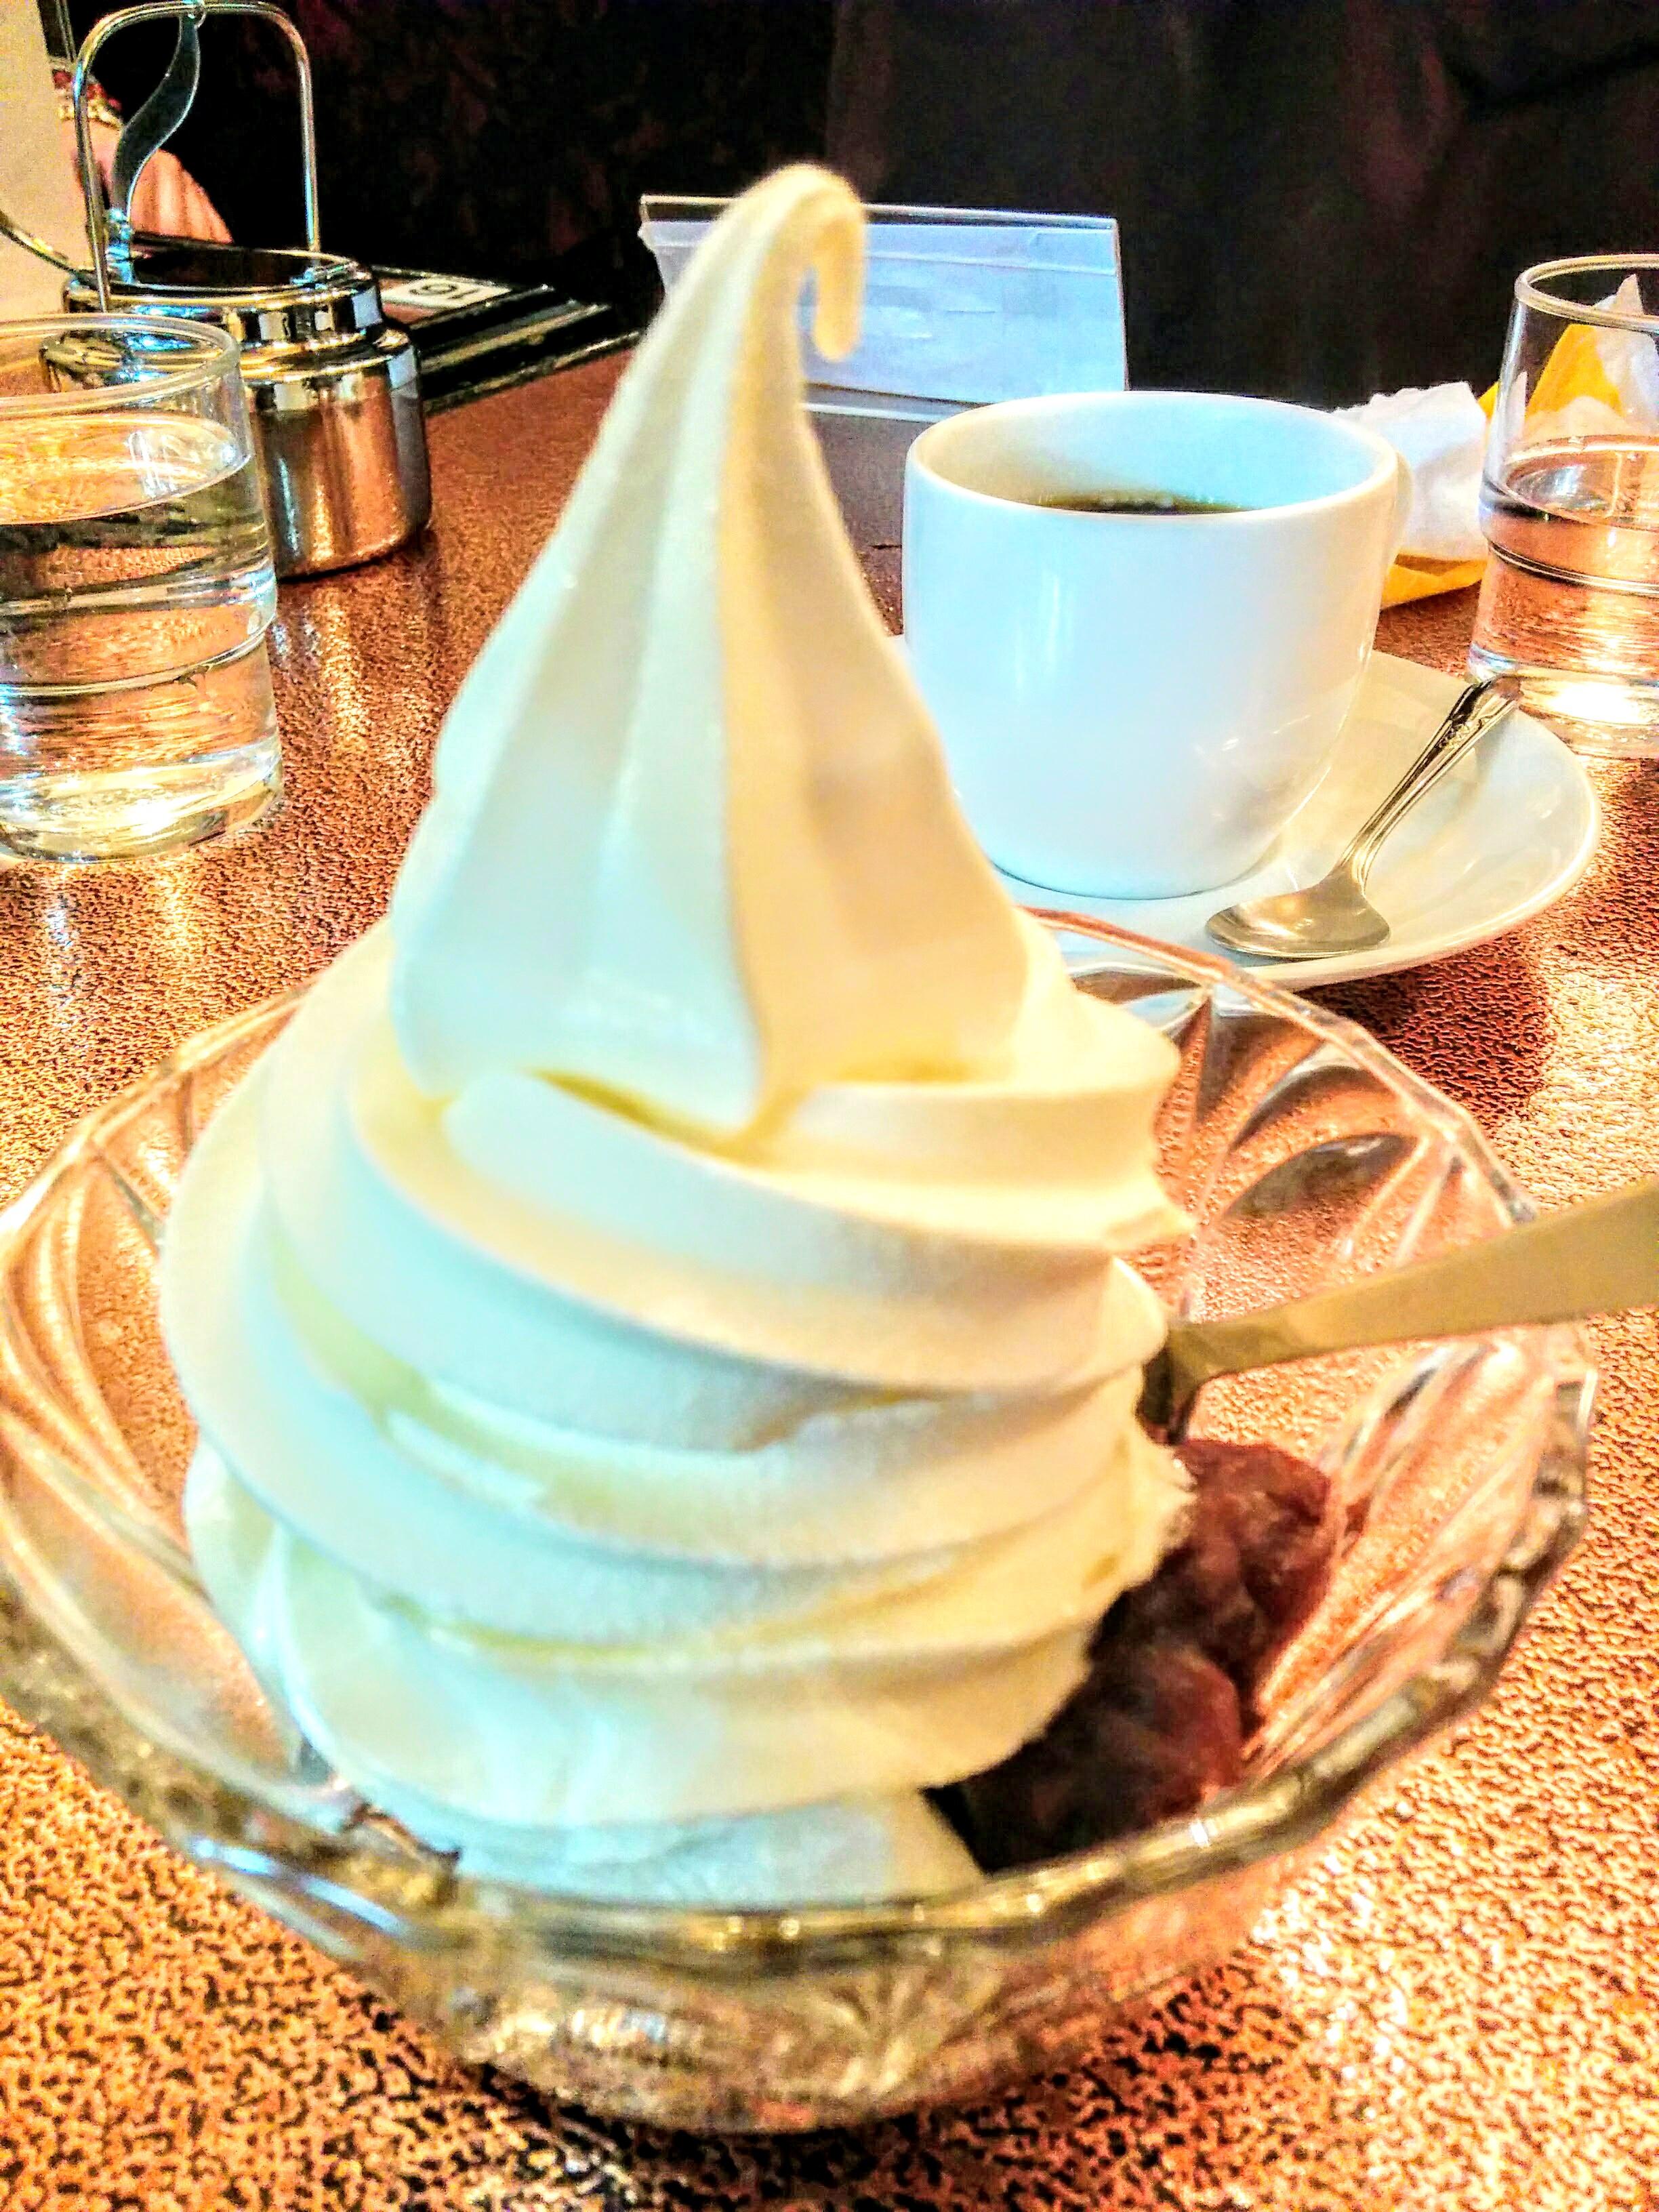 【小樽】洋菓子・喫茶の小樽あまとう観光案内です。